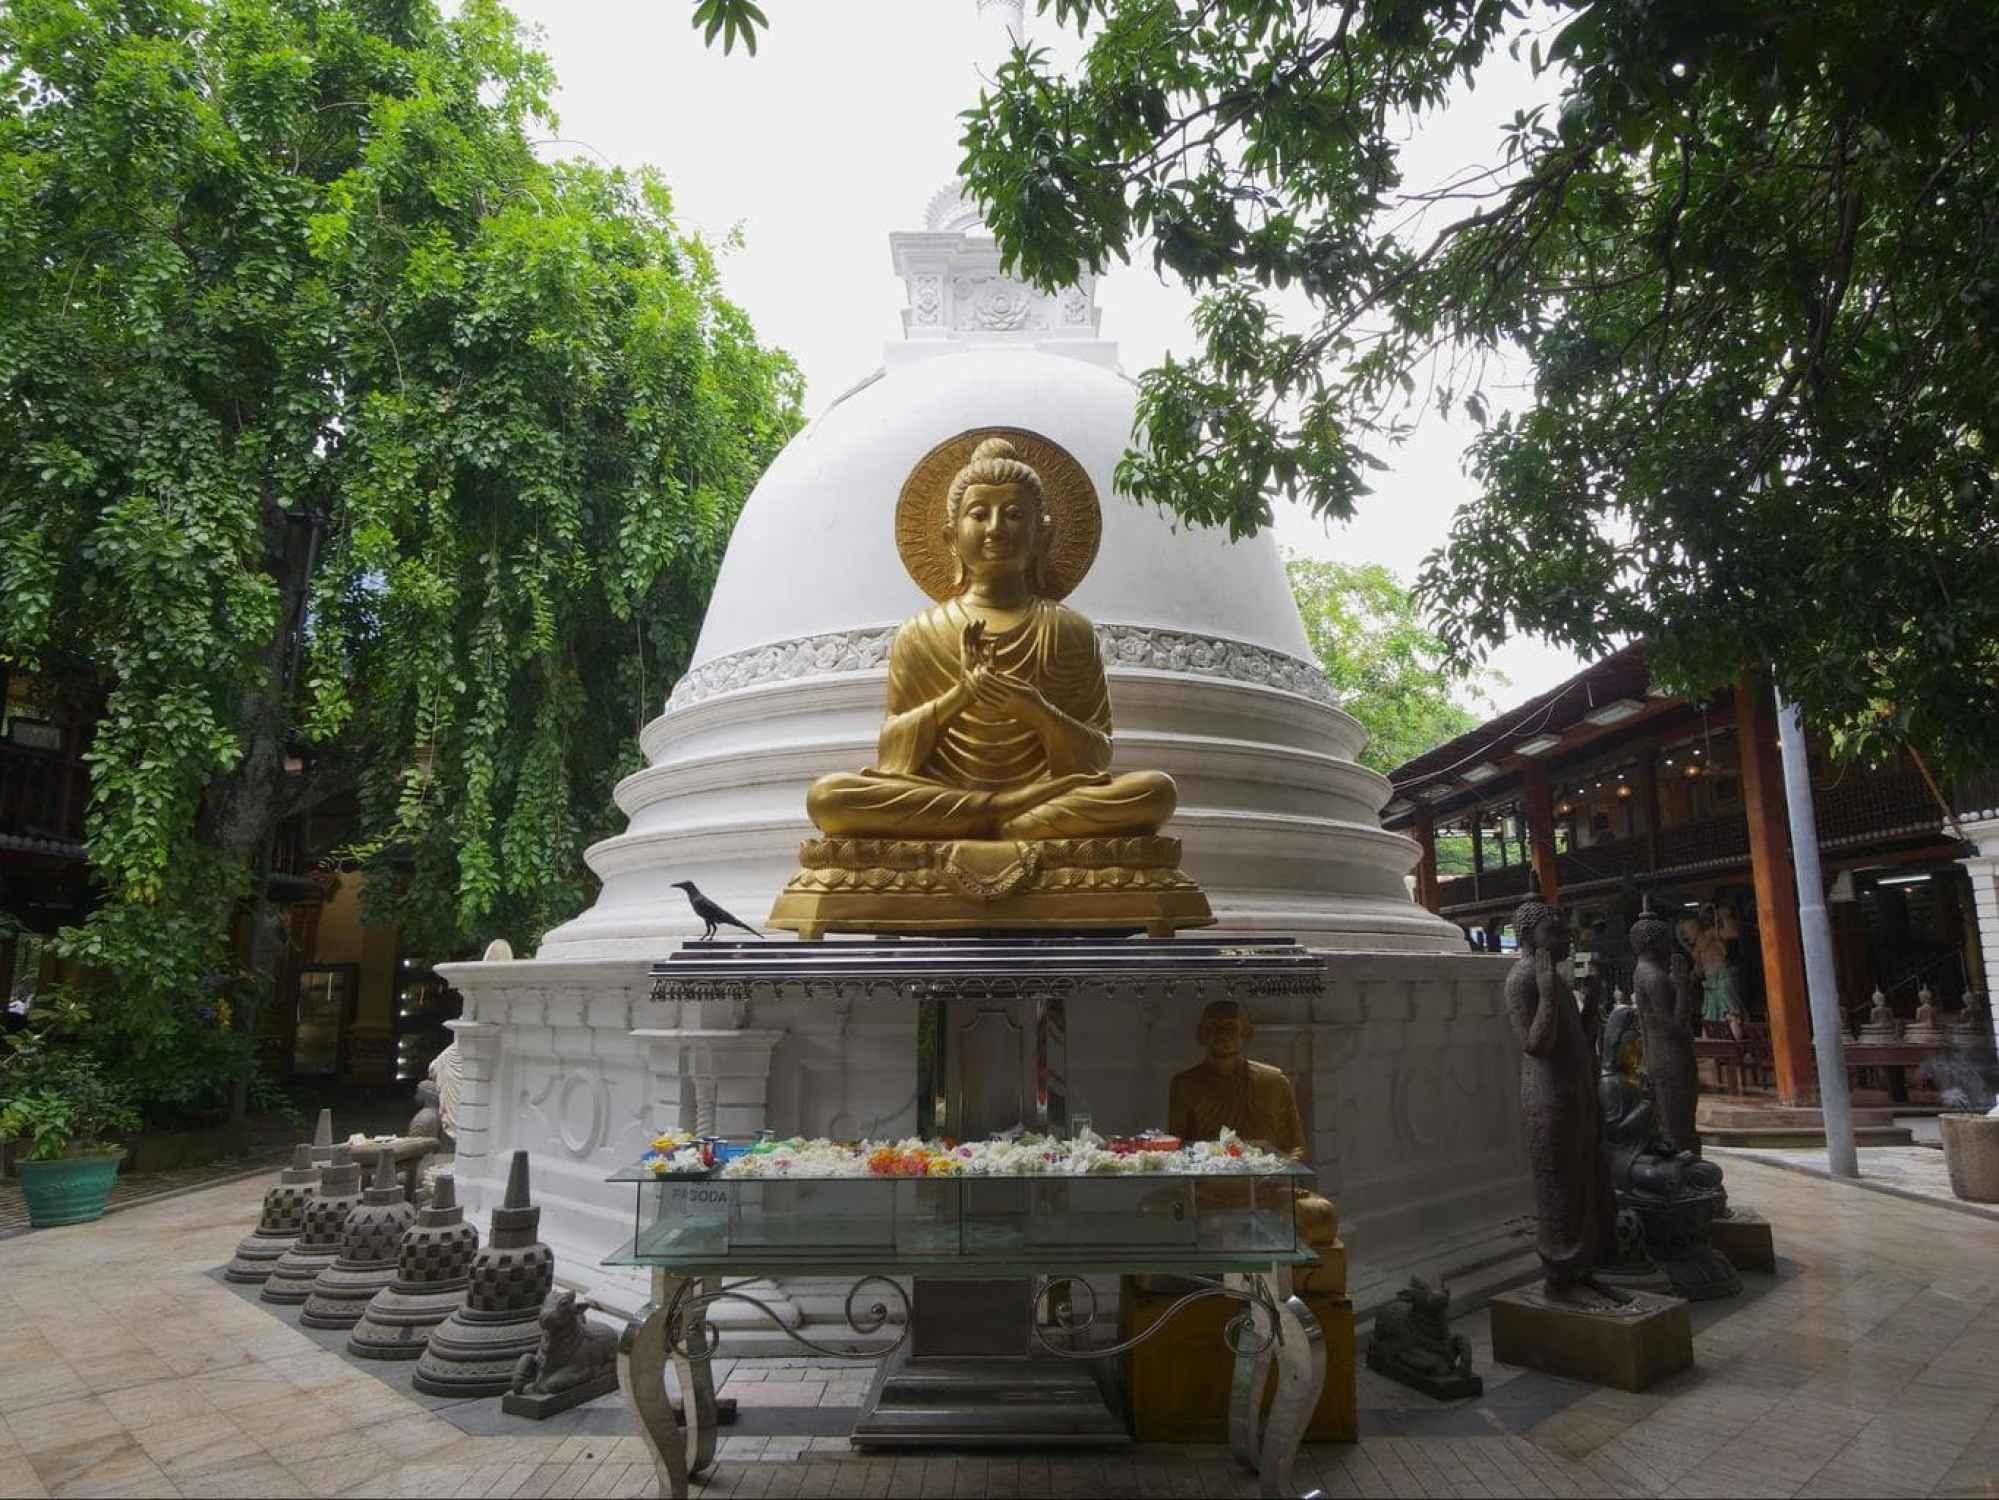 Samadhi Buddha stupa in Gangaramaya